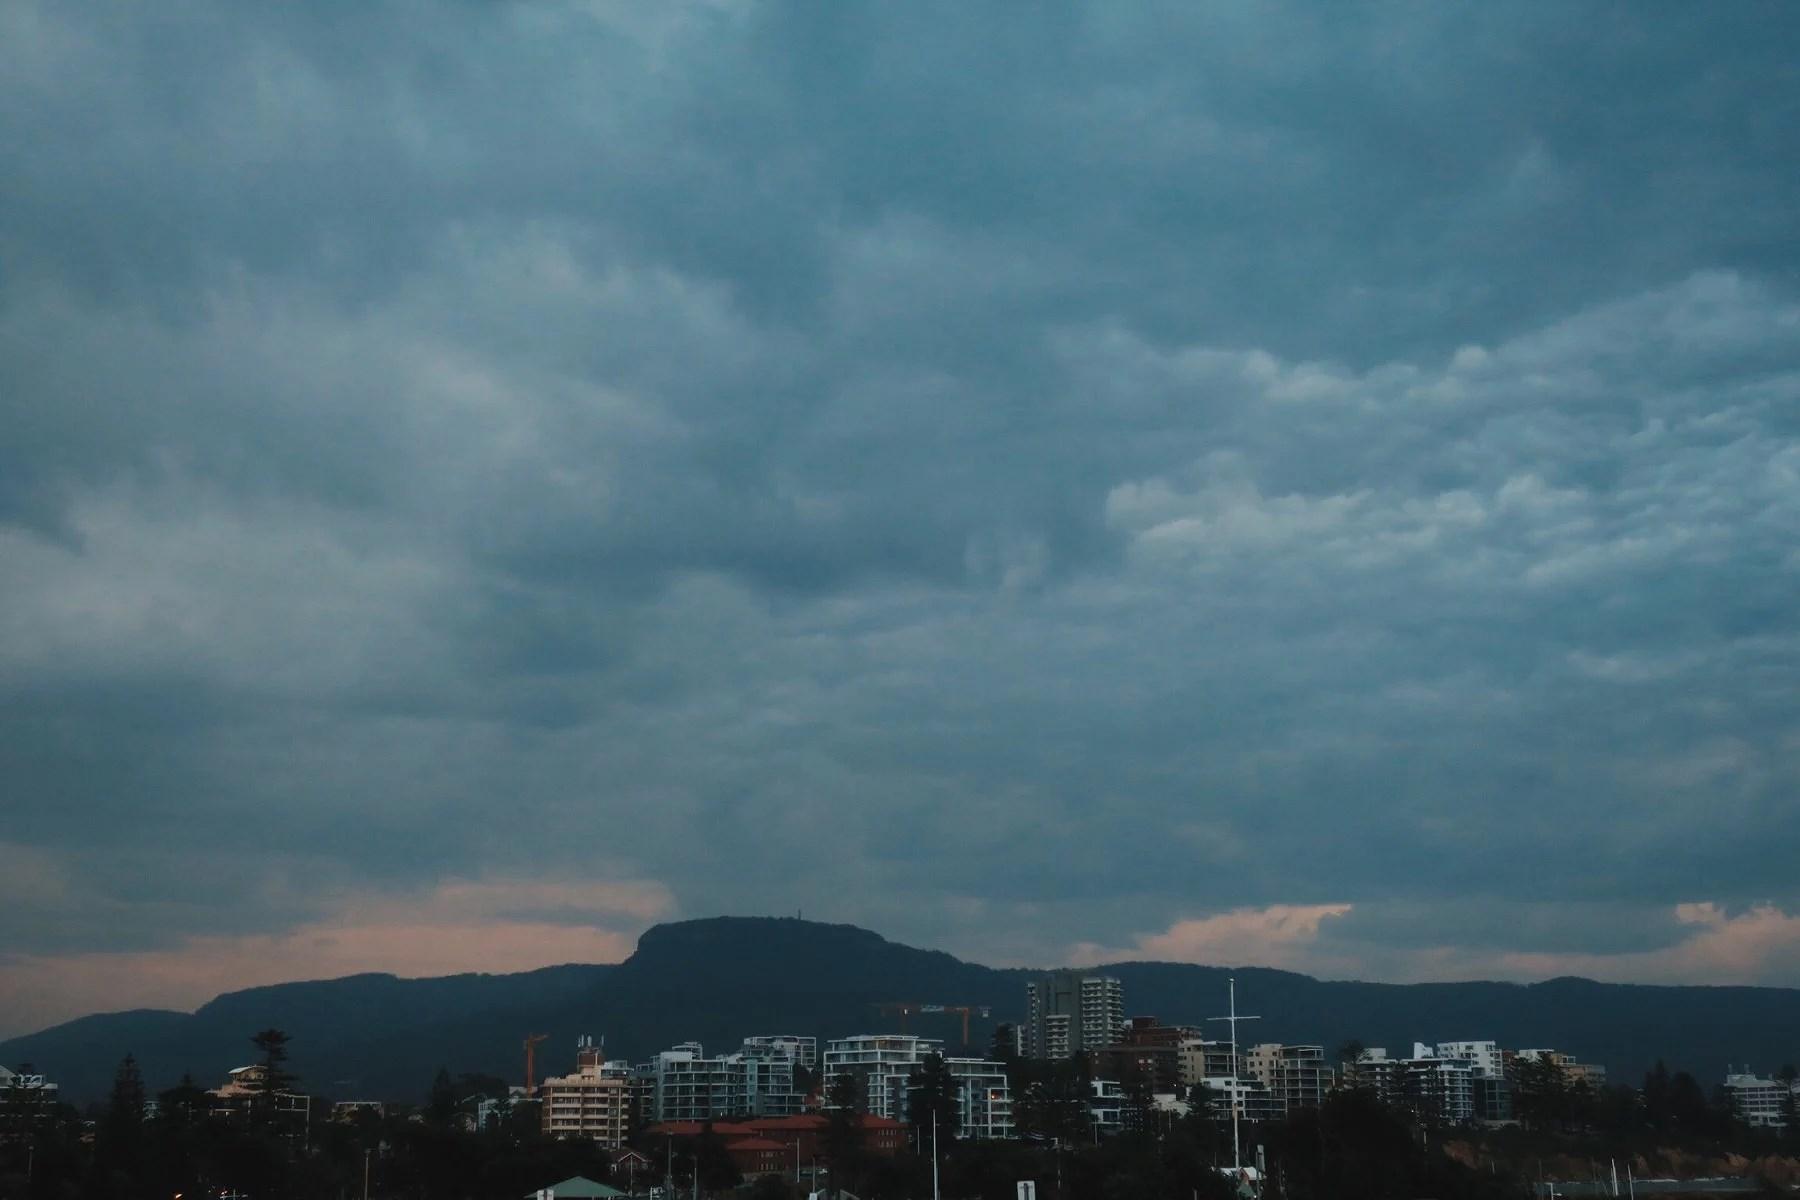 Hej från ett regnigt Wollongong